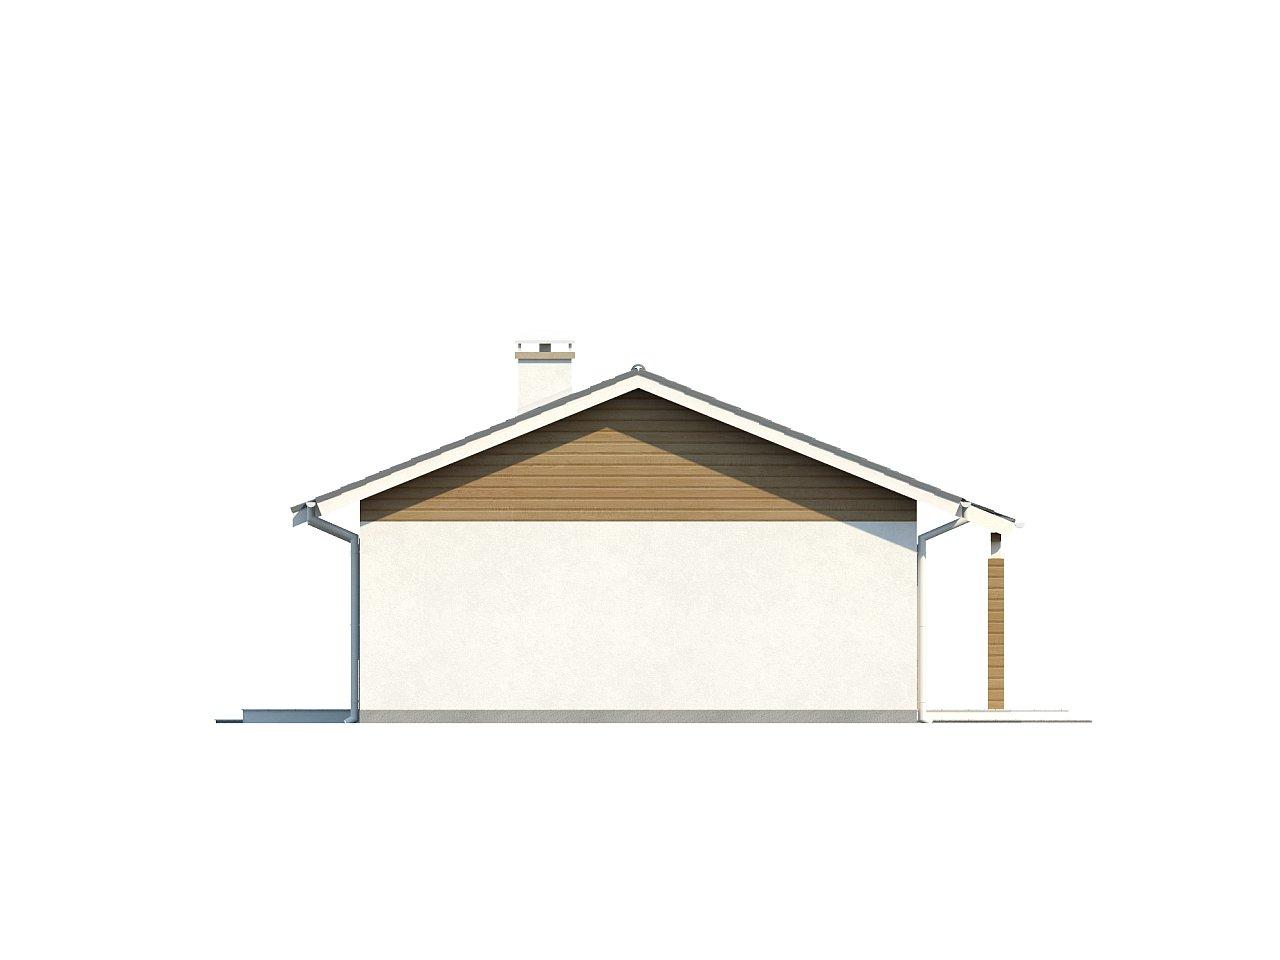 Компактный дом с двускатной крышей — выгодный, функциональный и практичный. 23